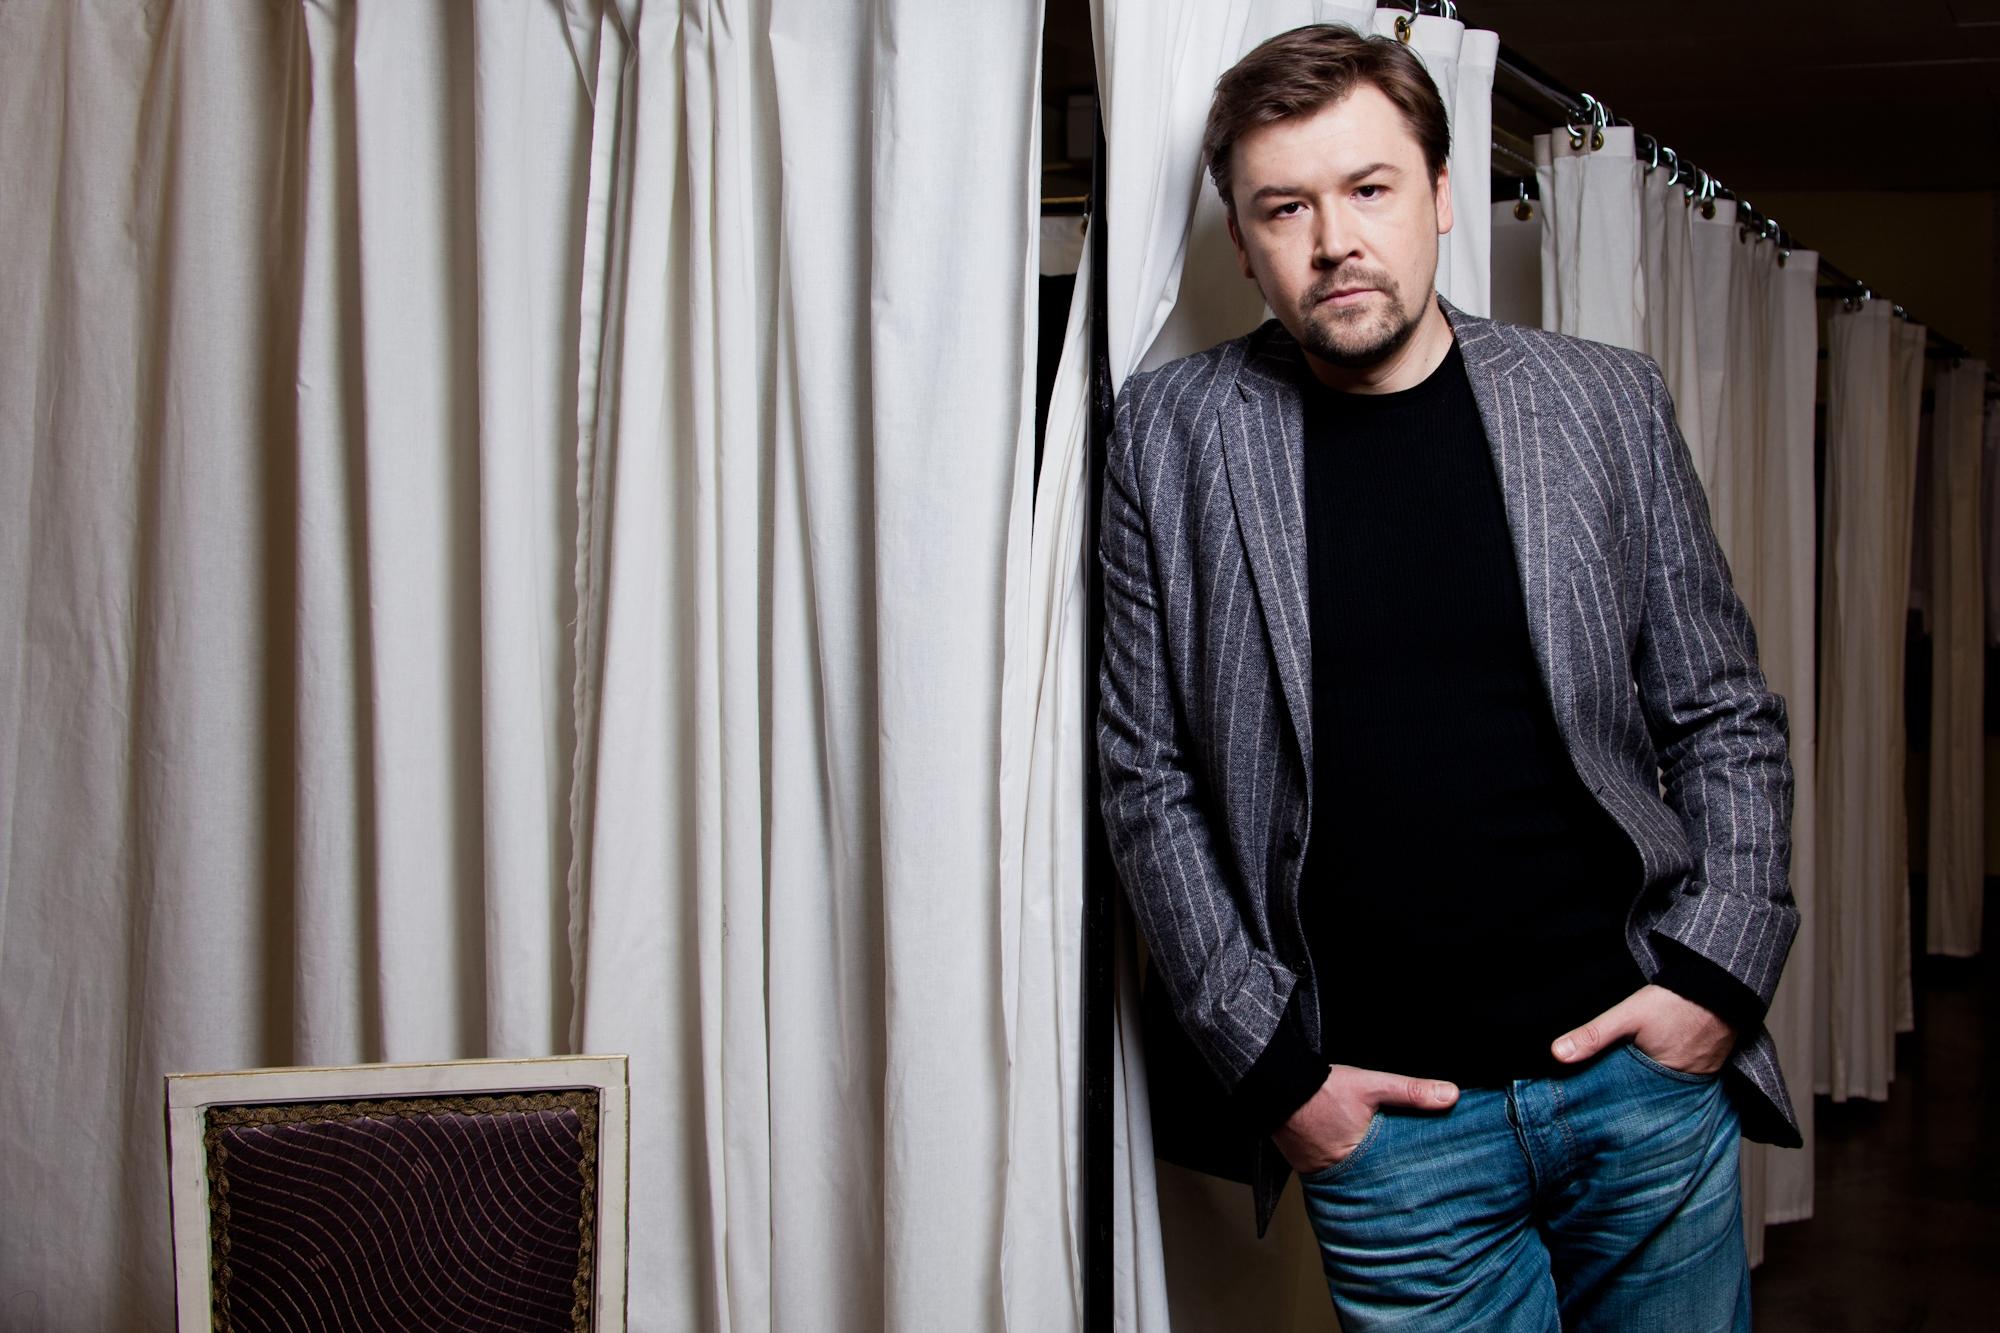 Dimitry Ivashchenko